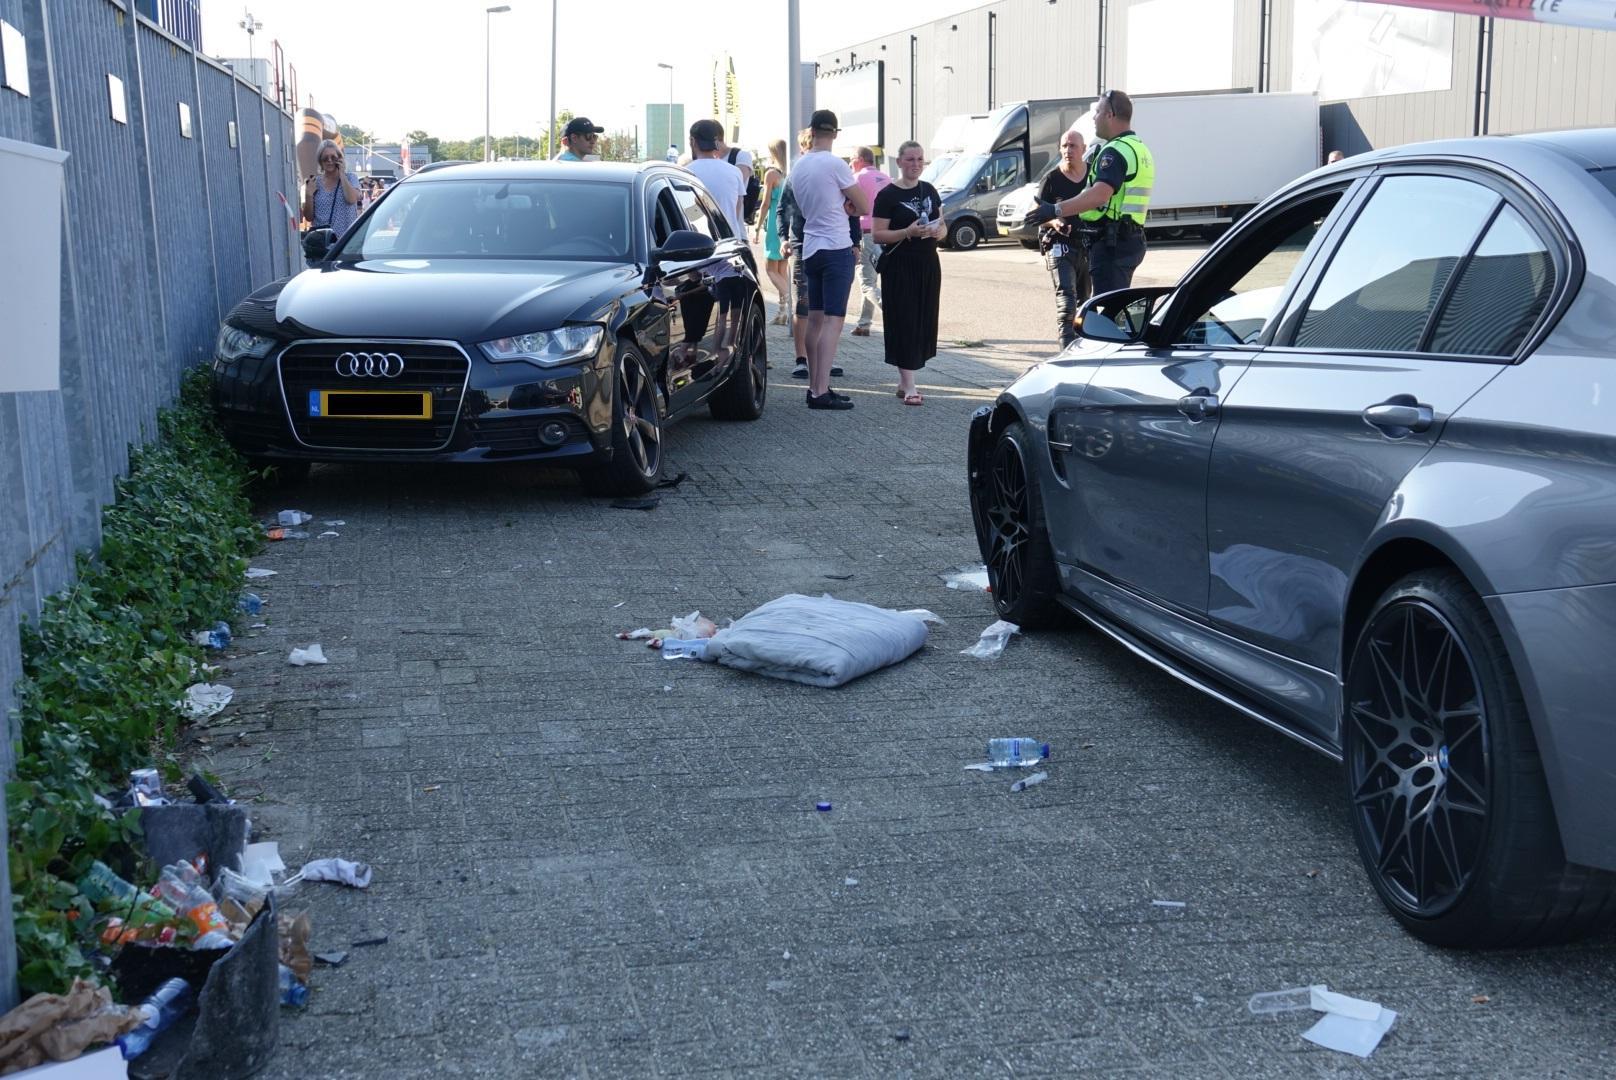 39-jarige man uit Badhoevedorp rijdt in op publiek bij auto-evenement Carbecue, drie mensen gewond